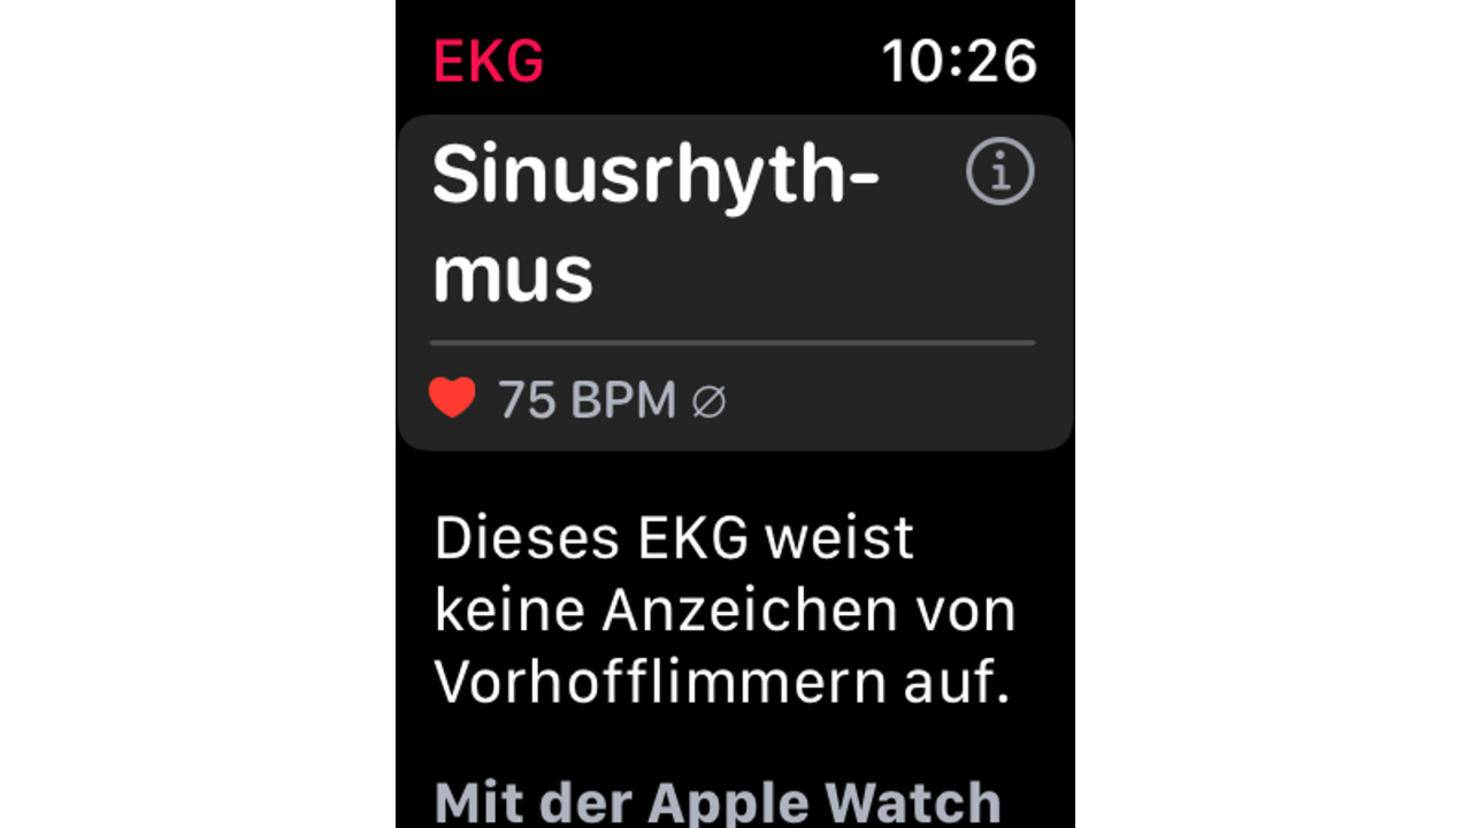 Apple Watch EKG-App